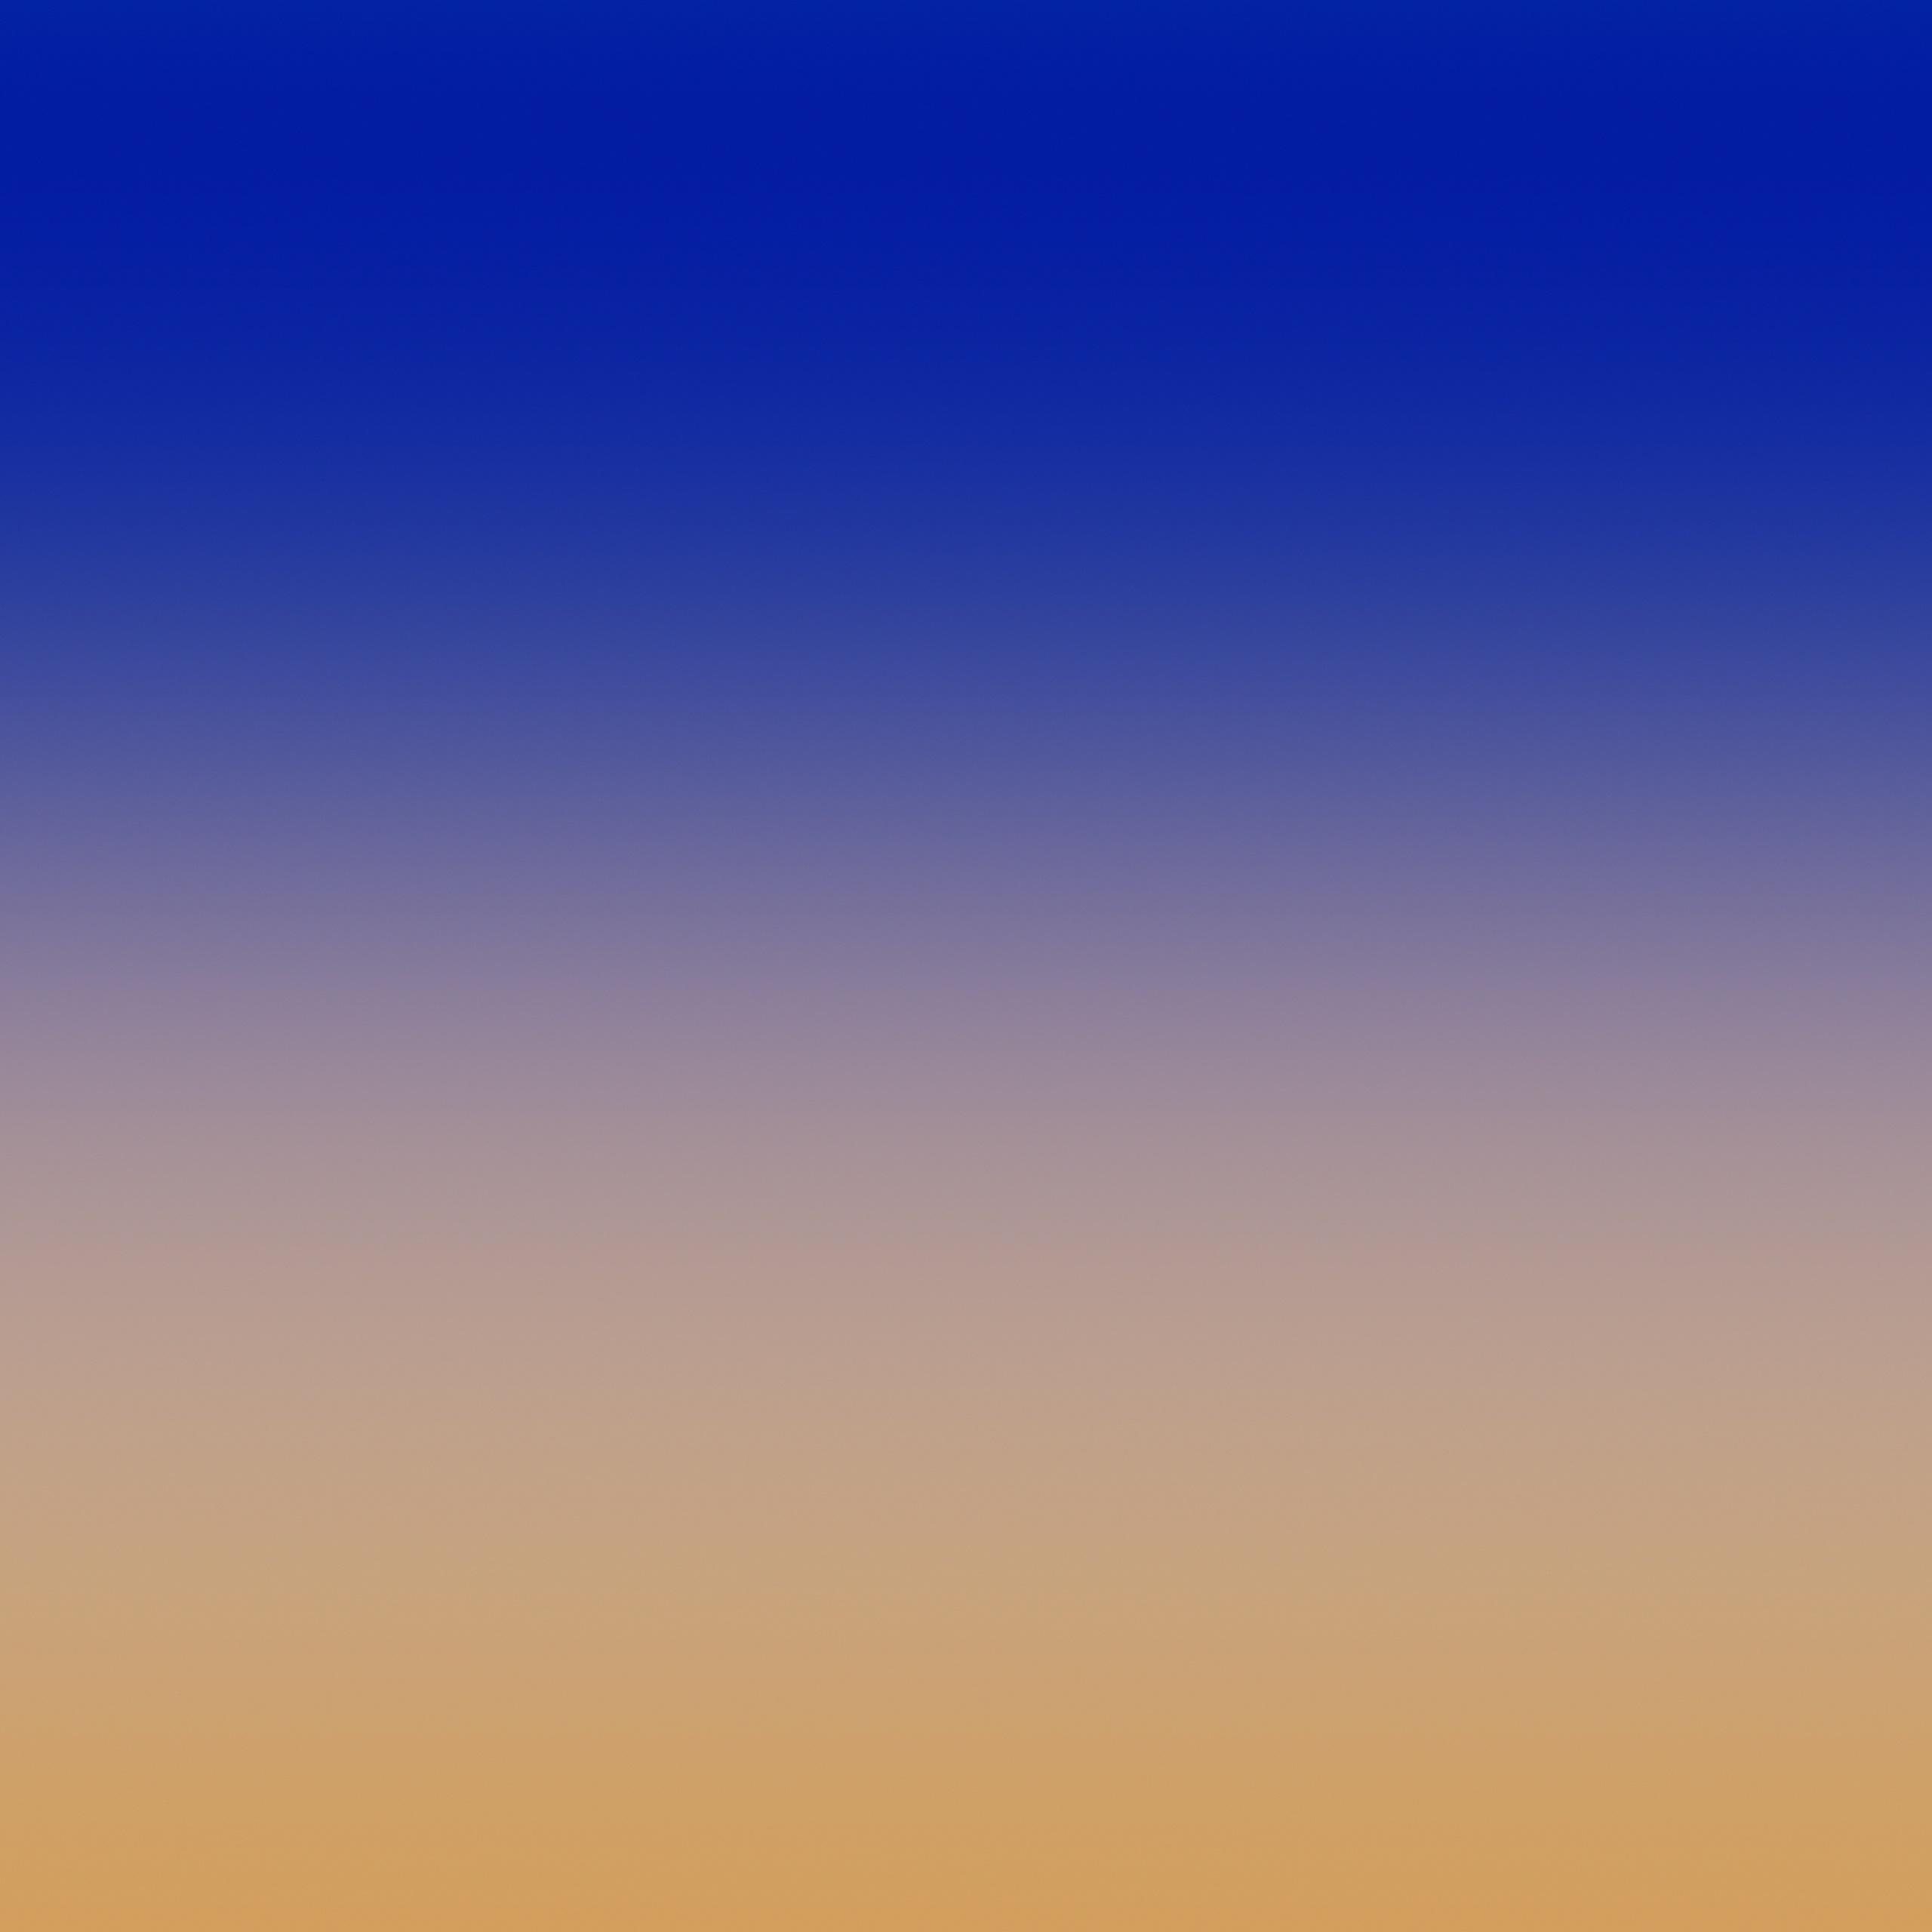 Samung Galaxy Note 9 Original Hd Abstract 4k Wallpapers